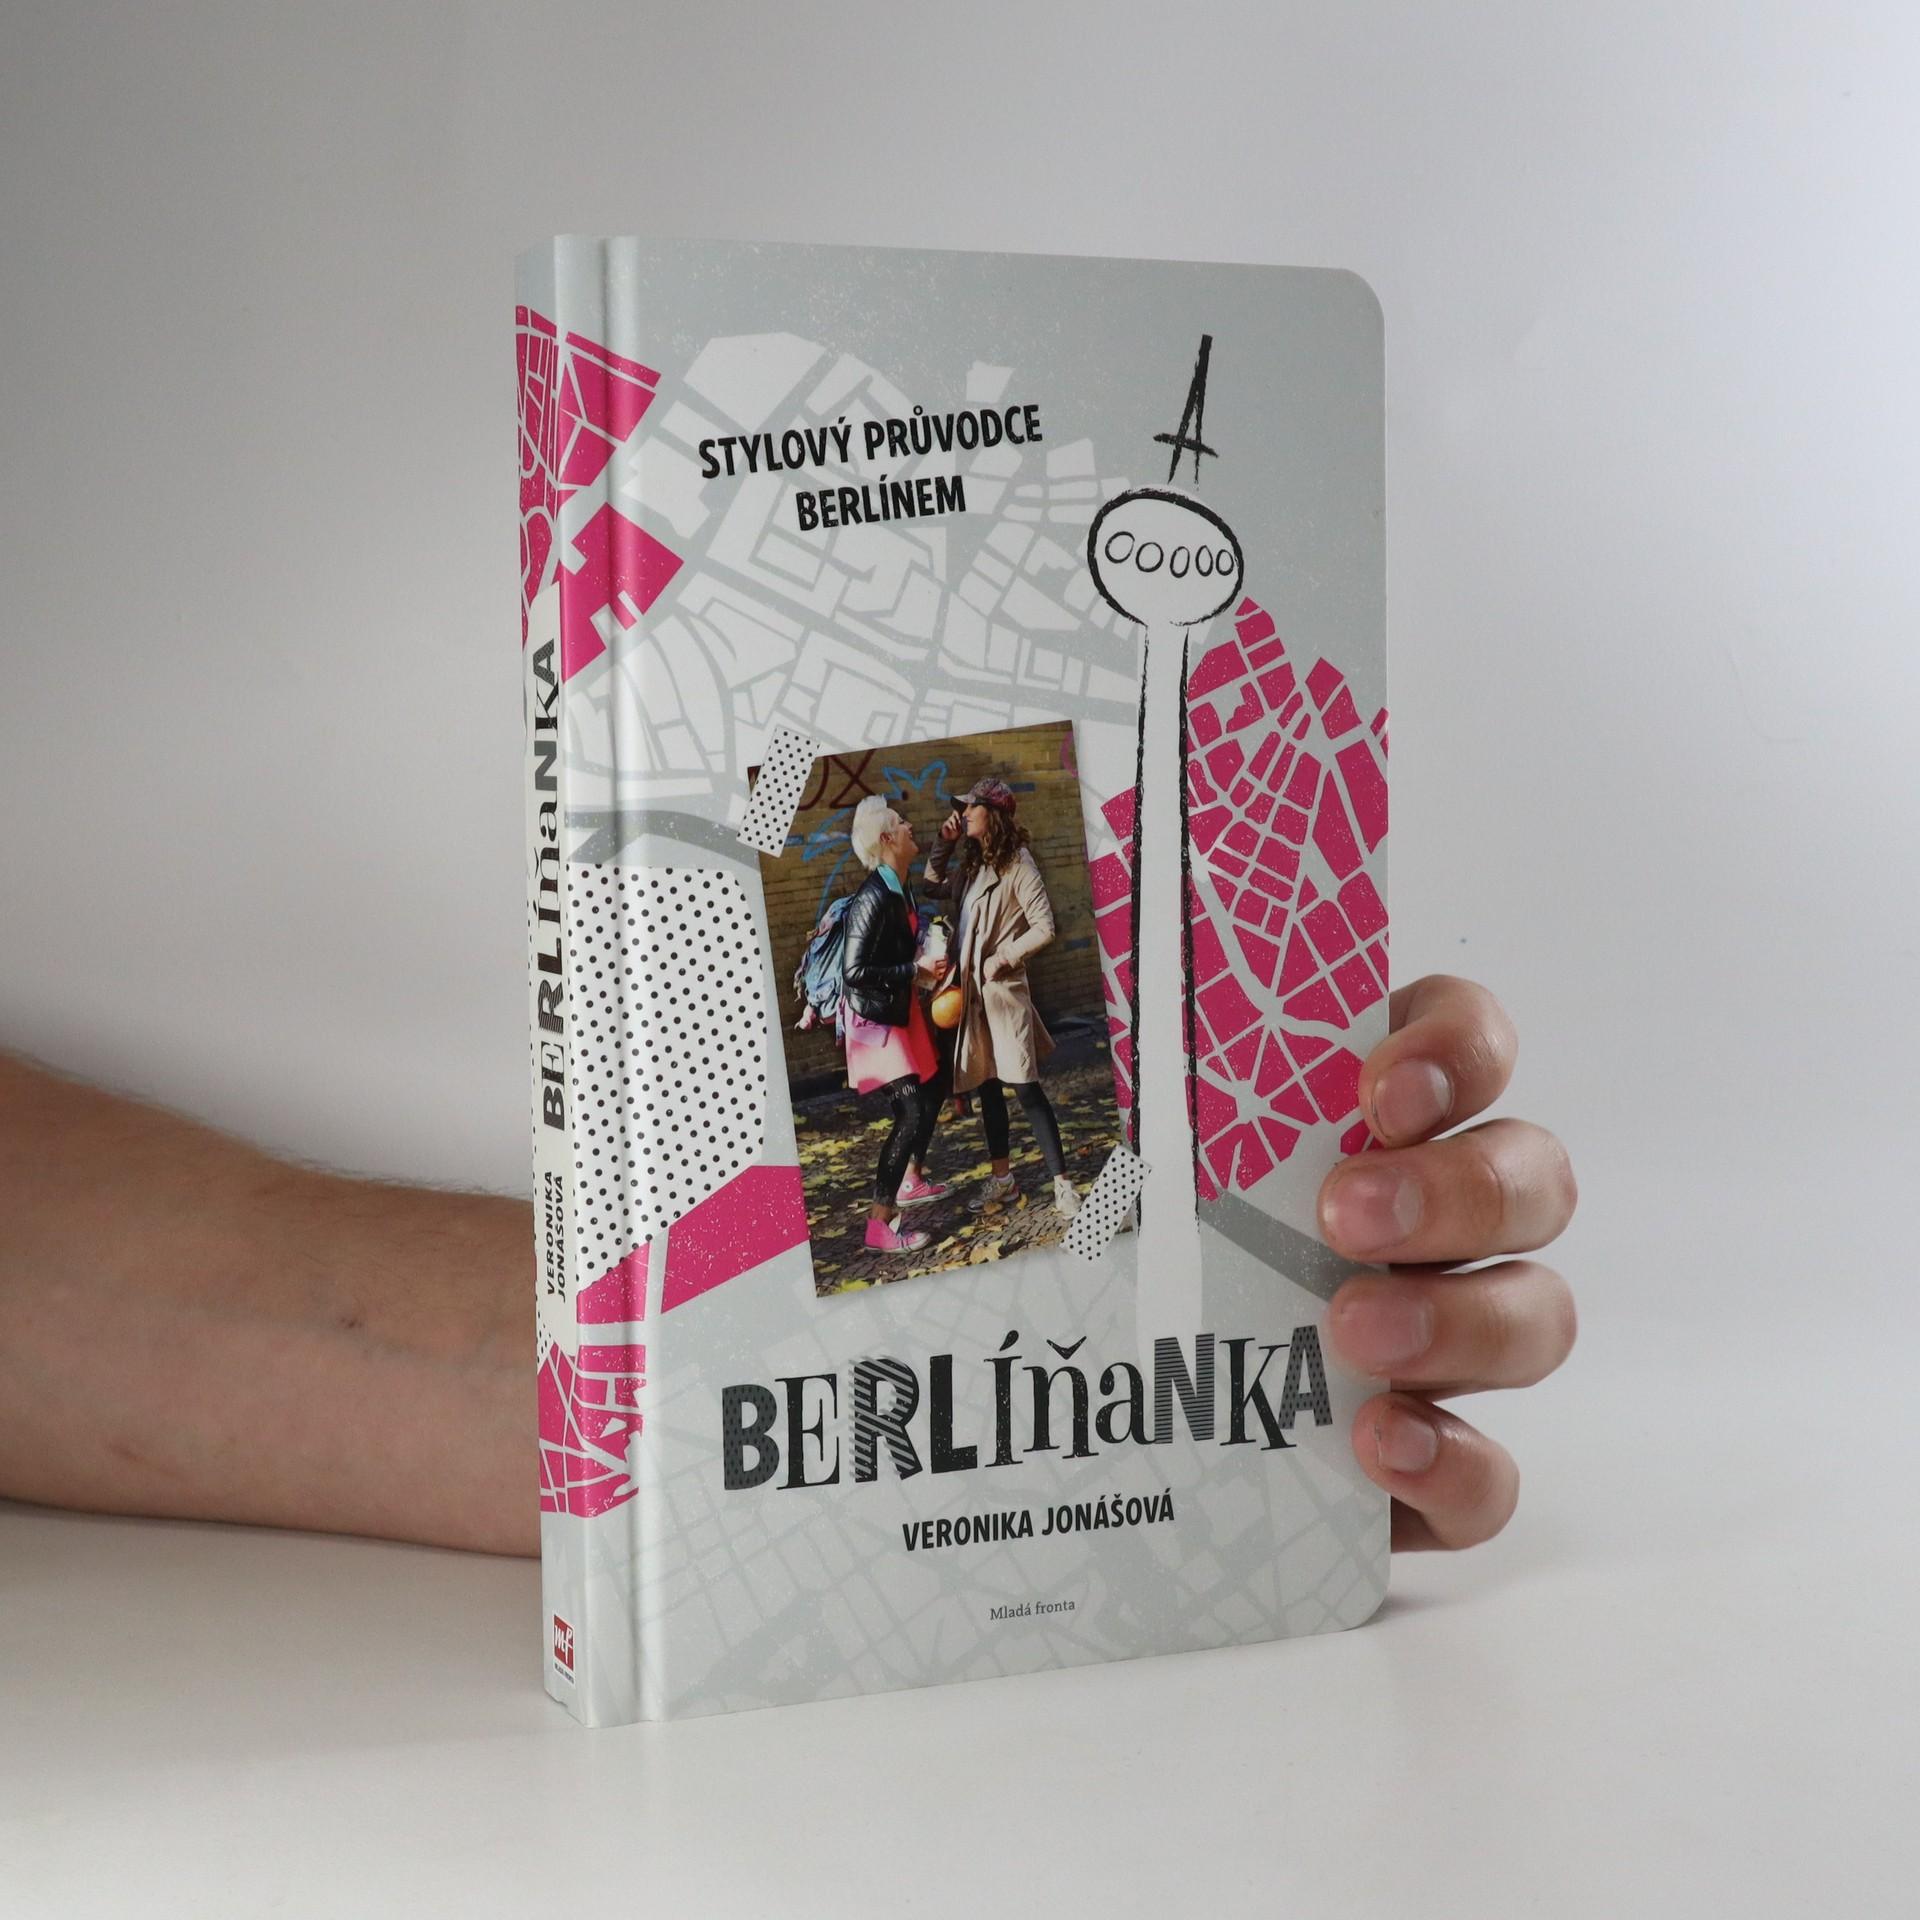 antikvární kniha Berlíňanka, 2016